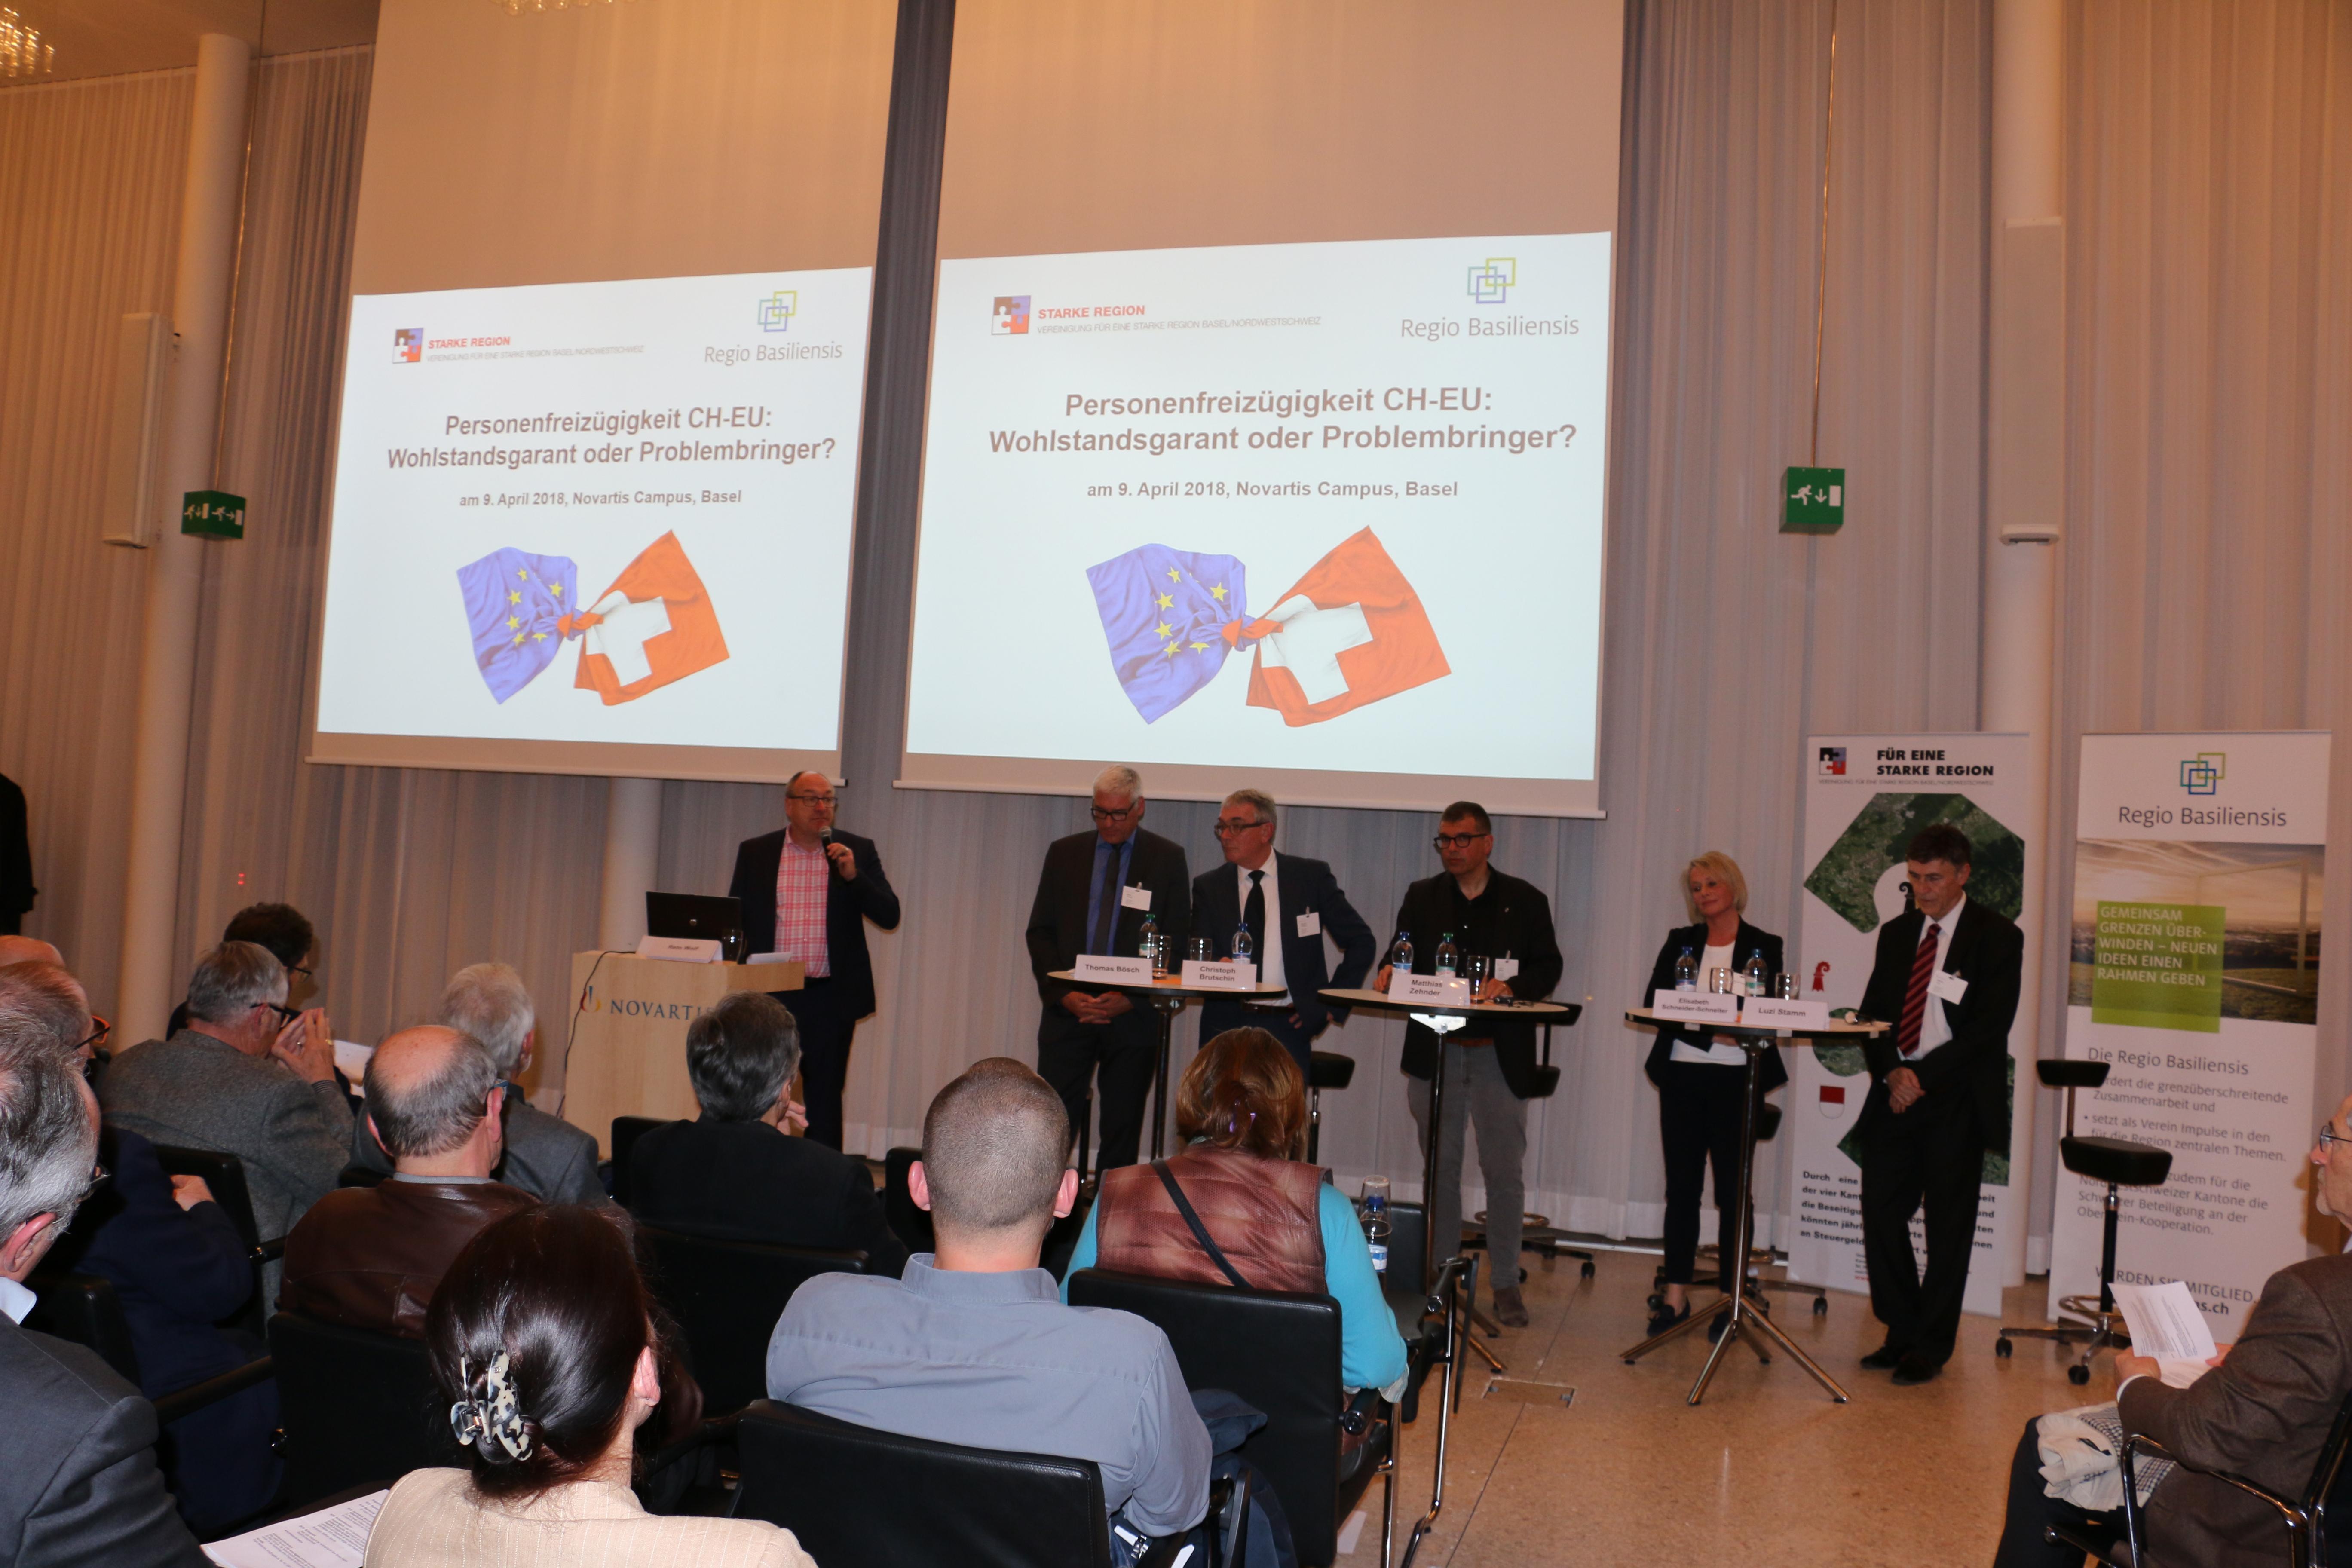 Rückblick: Veranstaltung zur Personenfreizügigkeit CH-EU, 9. April 2018